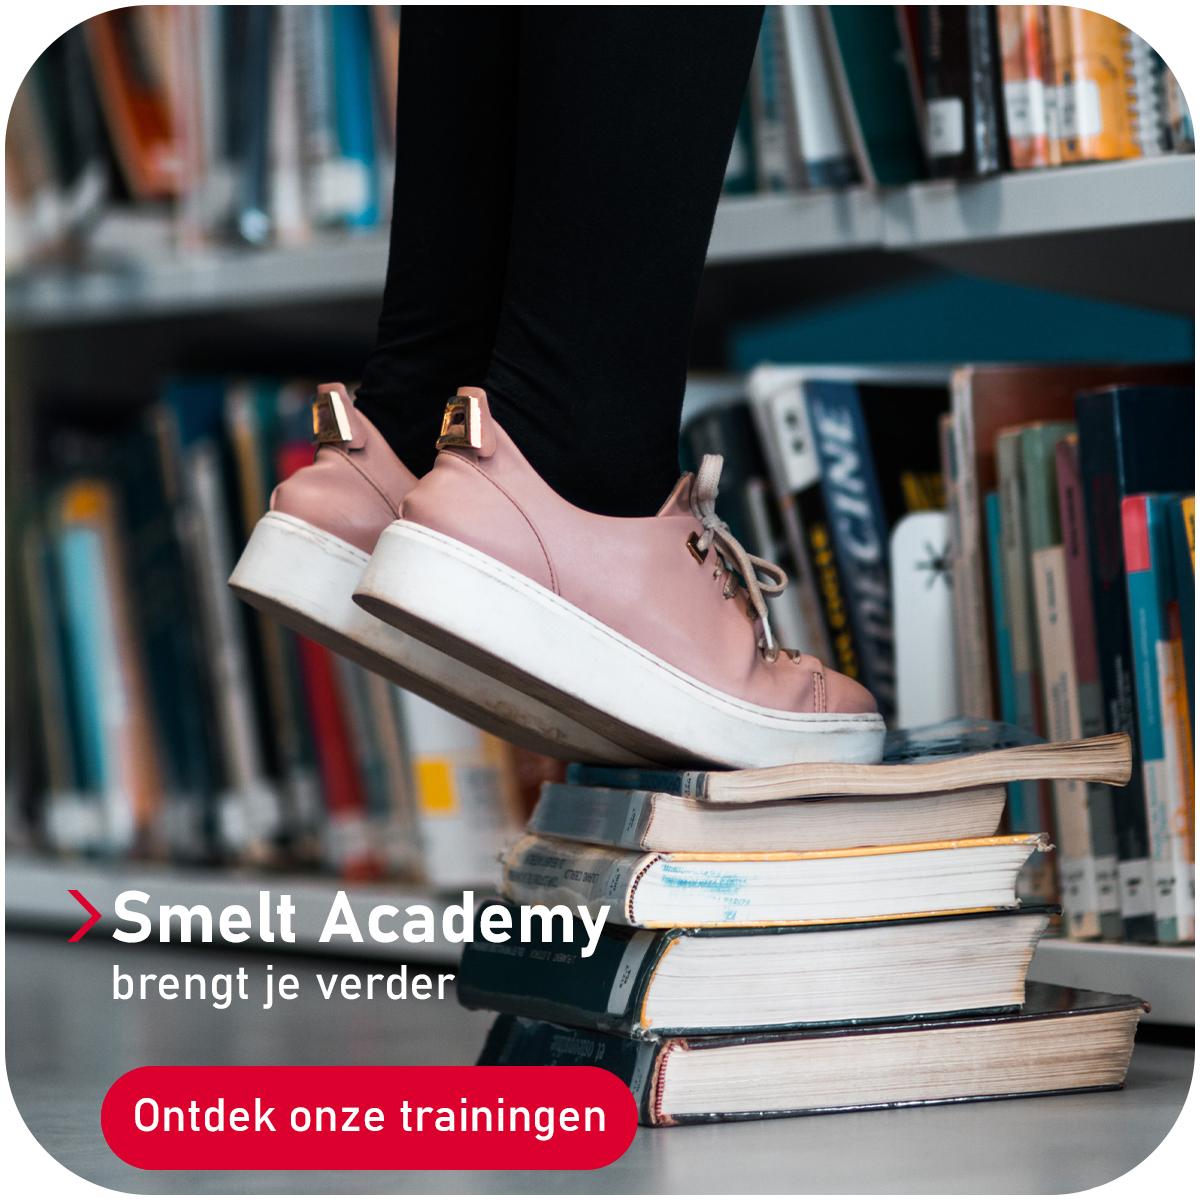 Smelt Academy